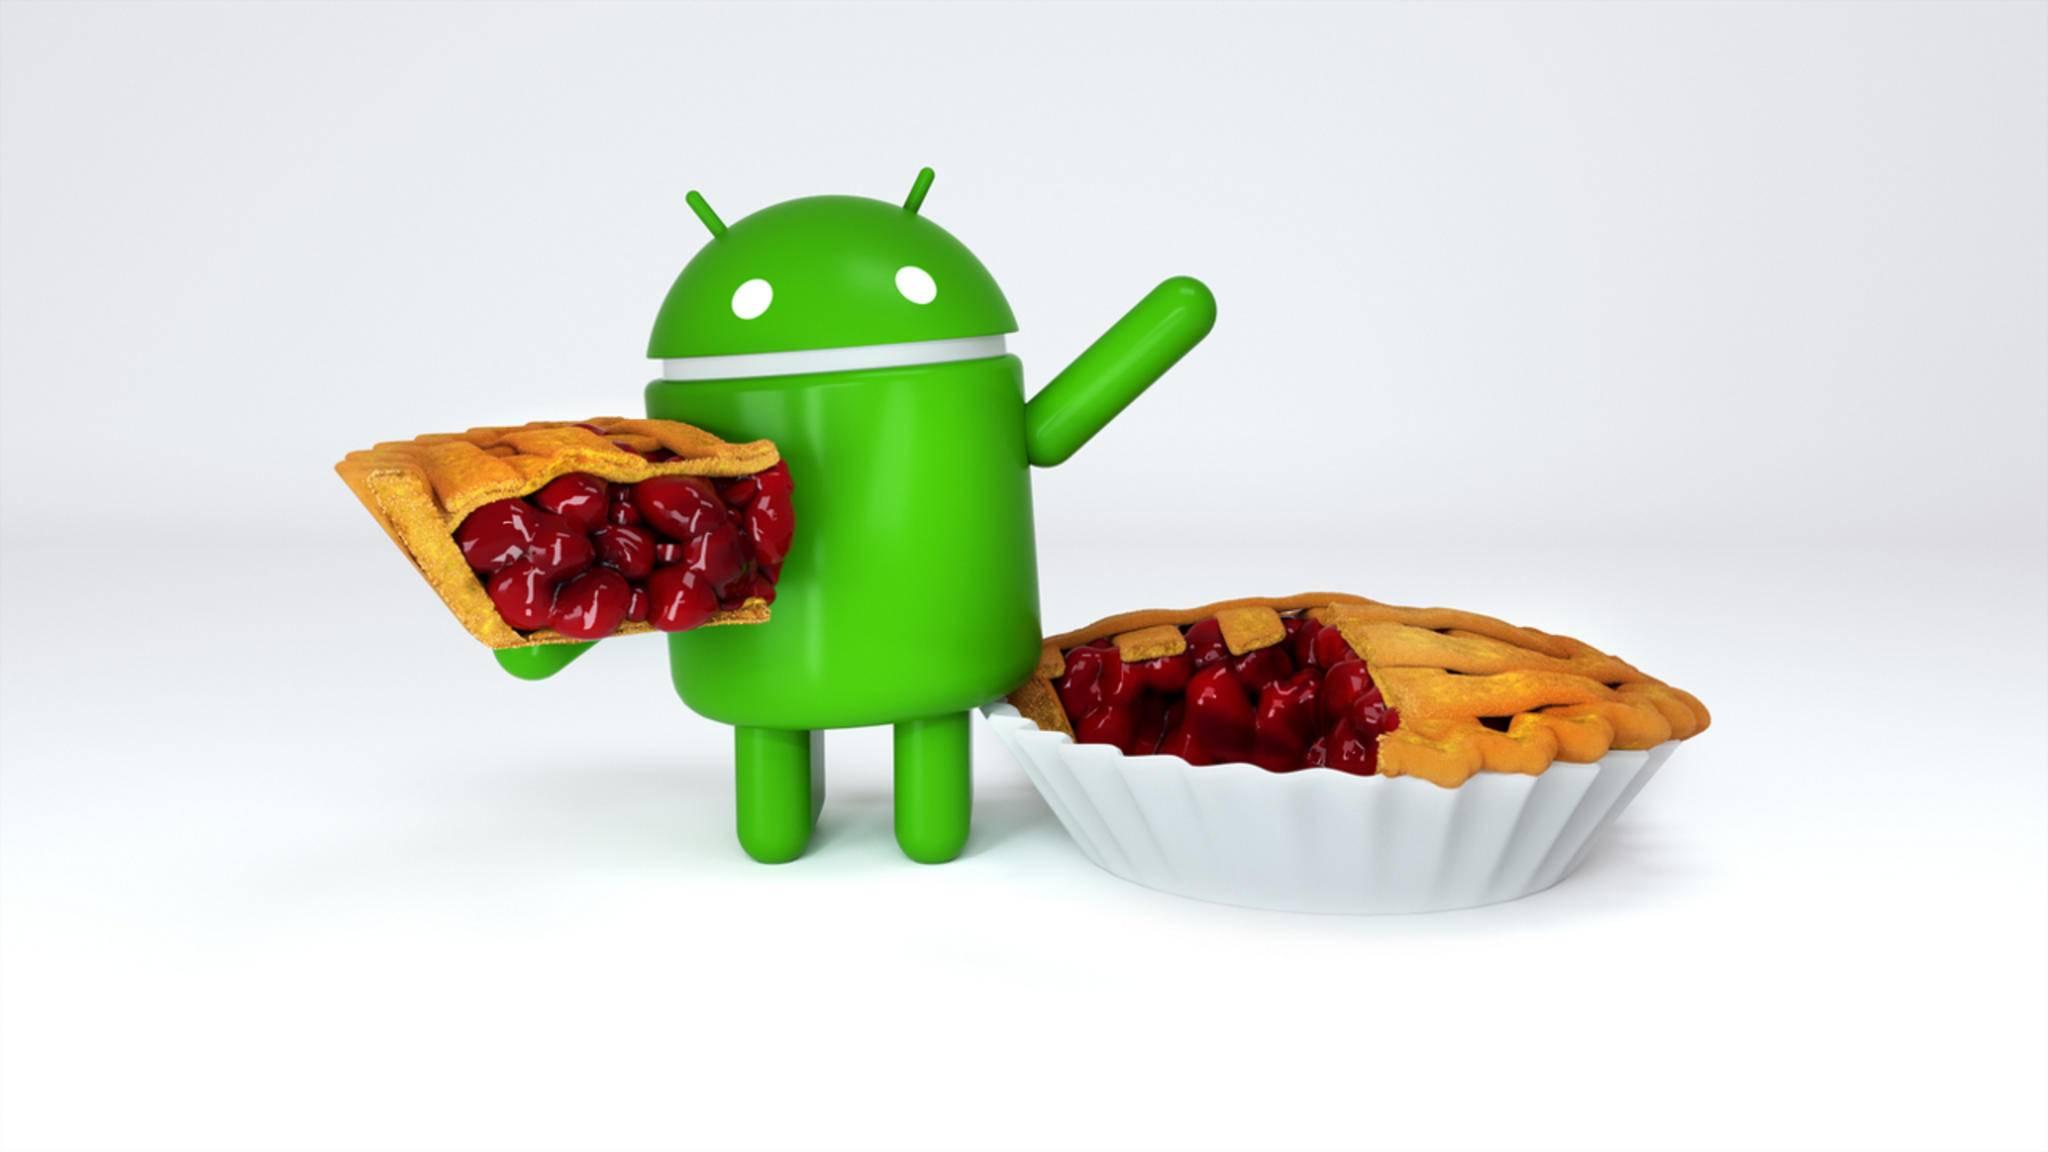 Europäischen Android-Nutzern werden nun beim ersten Play-Store-Besuch alternative Suchmaschinen und Browser angeboten.